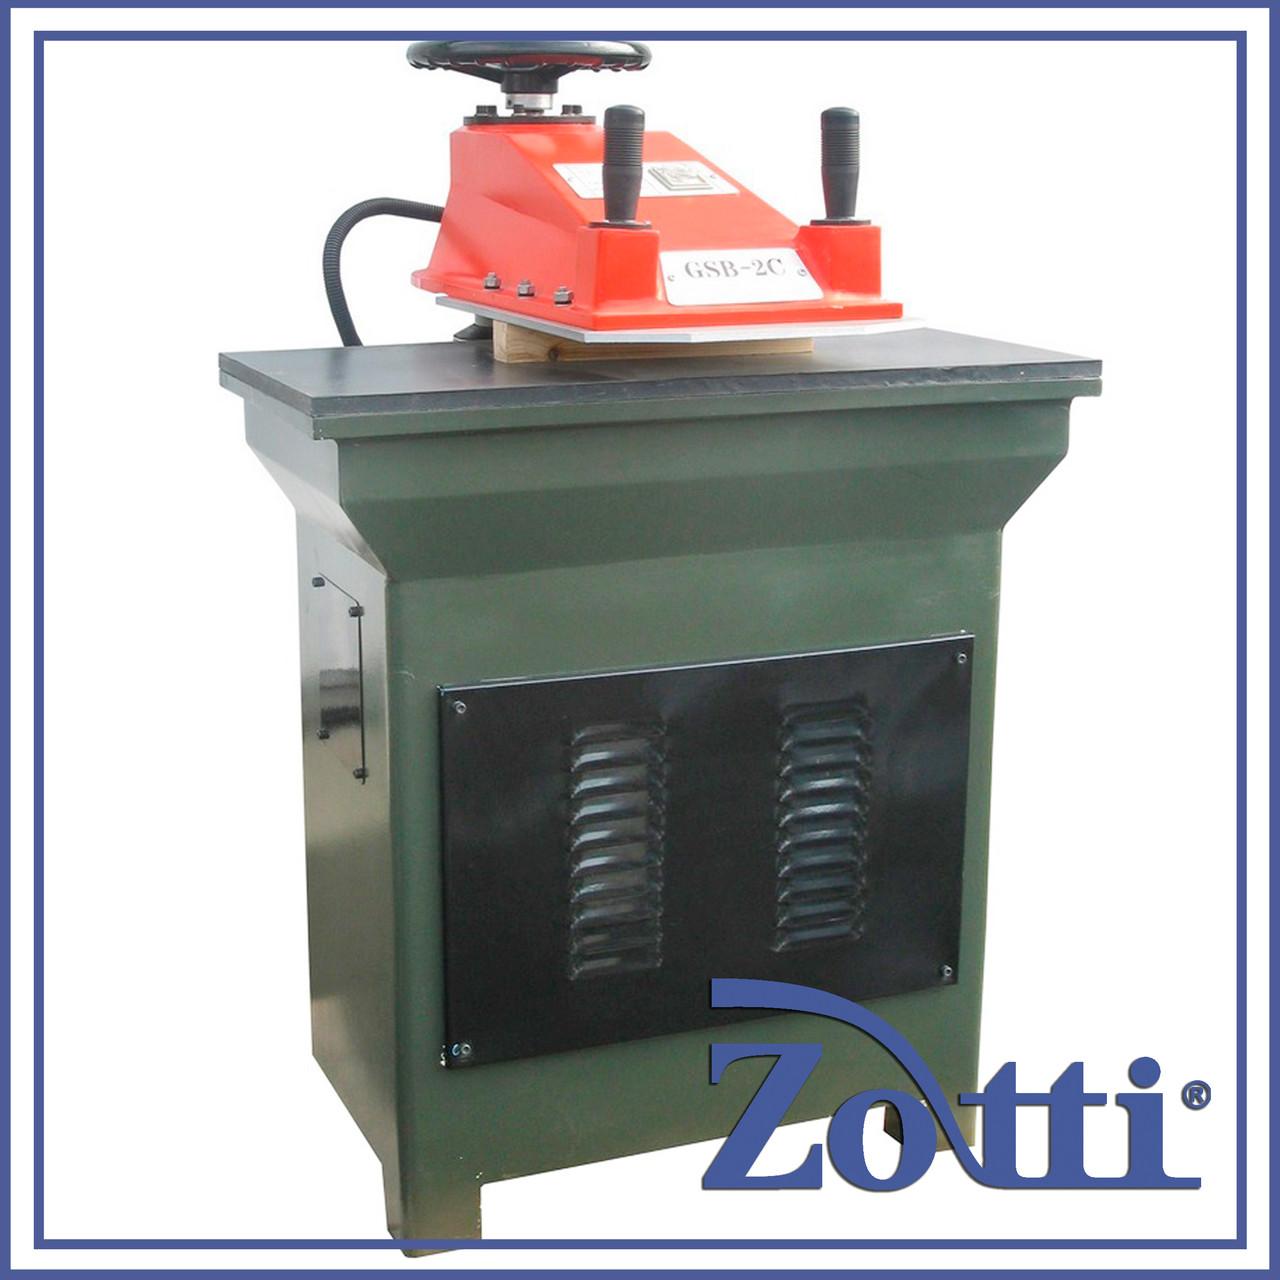 Пресс вырубочный GSB - 2C 20т (Китай)